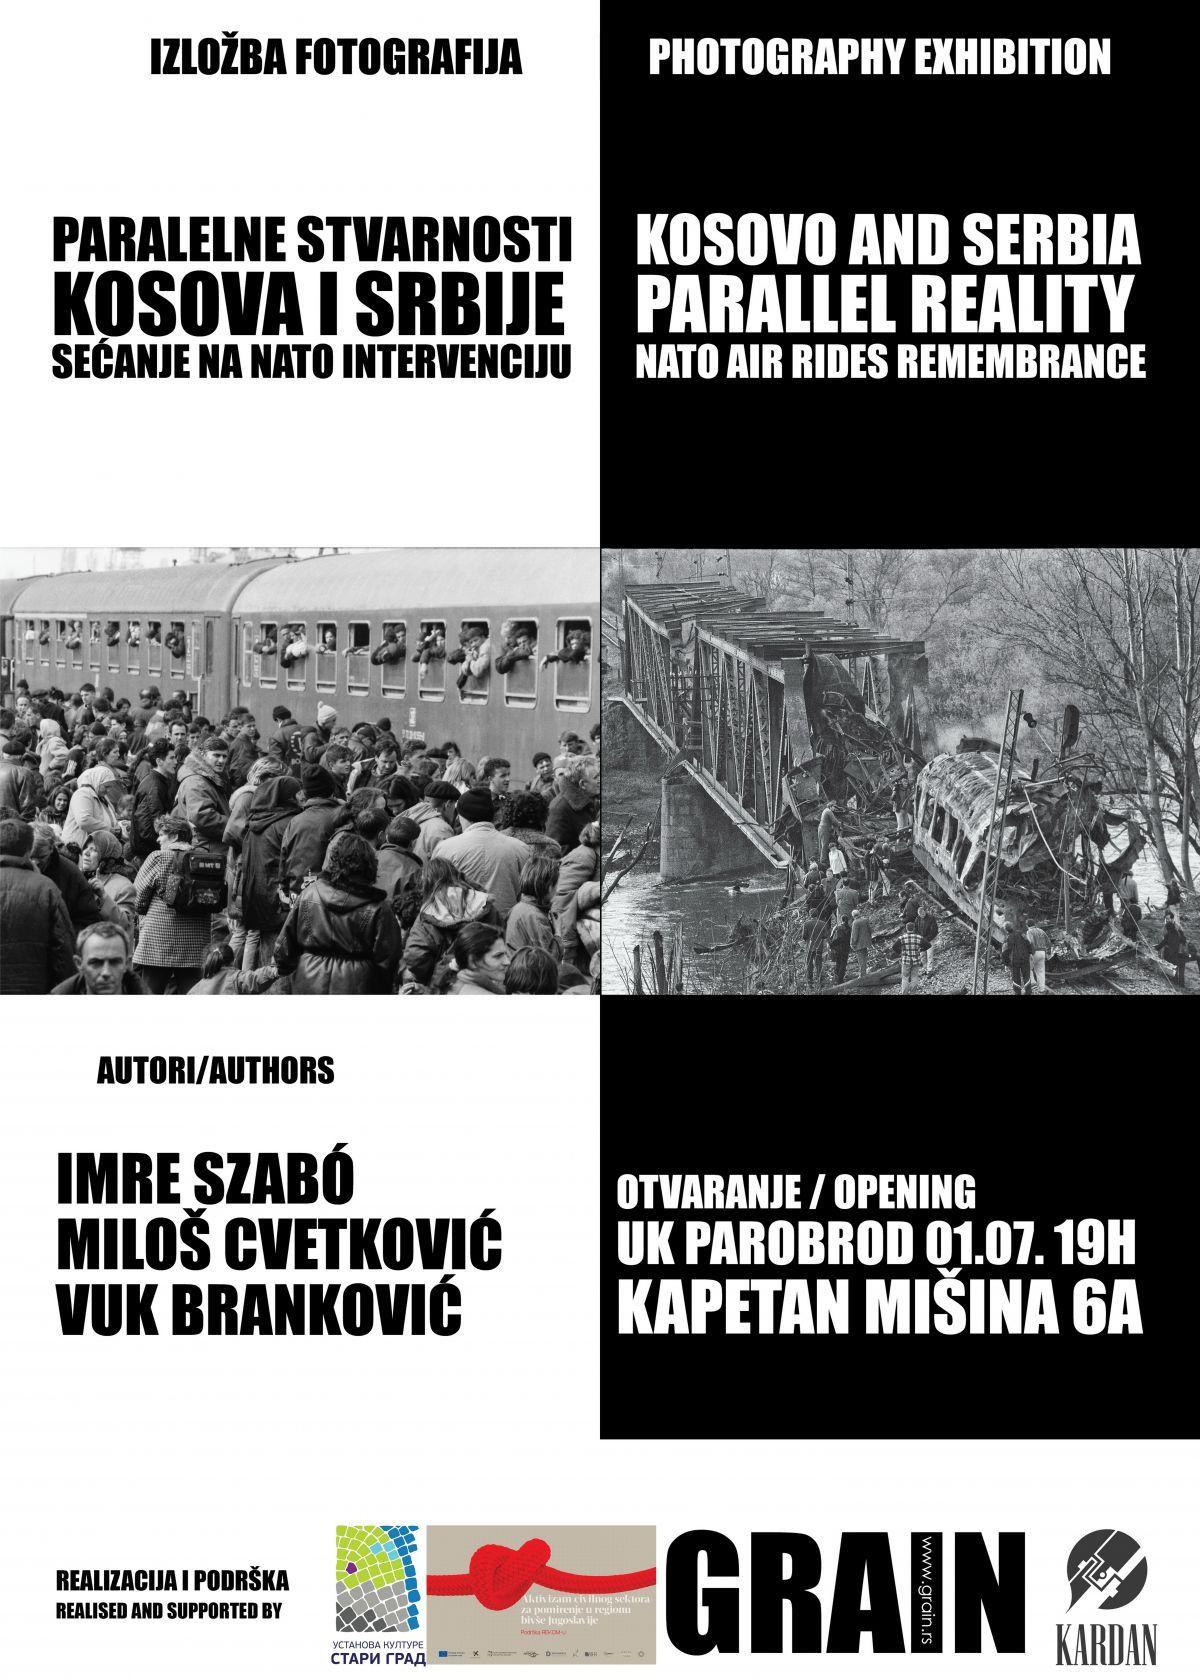 """Изложба фотографија """"Паралелне стварности Србије и Косова: сећања на НАТО интервенцију"""""""